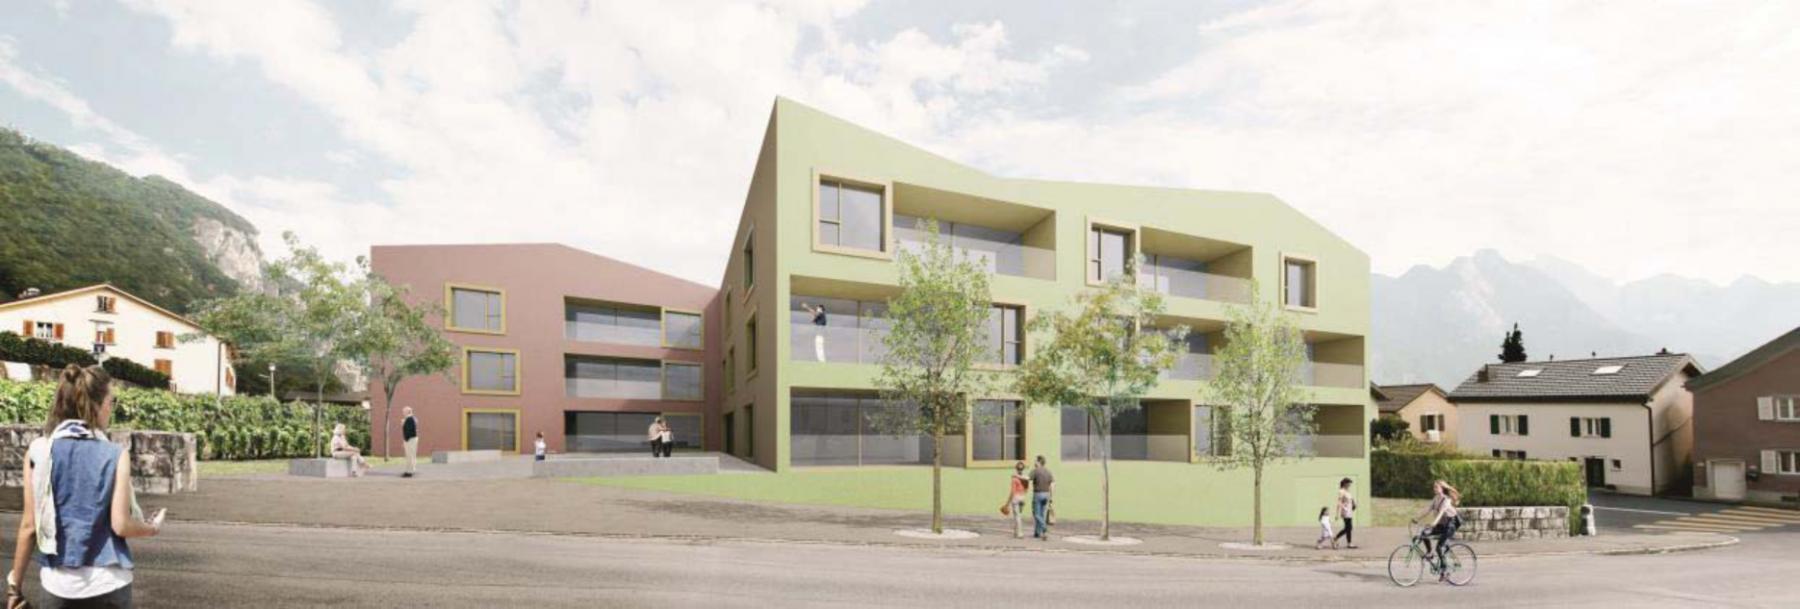 Construction d'une structure d'appartements protégés à Vouvry - Bonnard & Woeffray